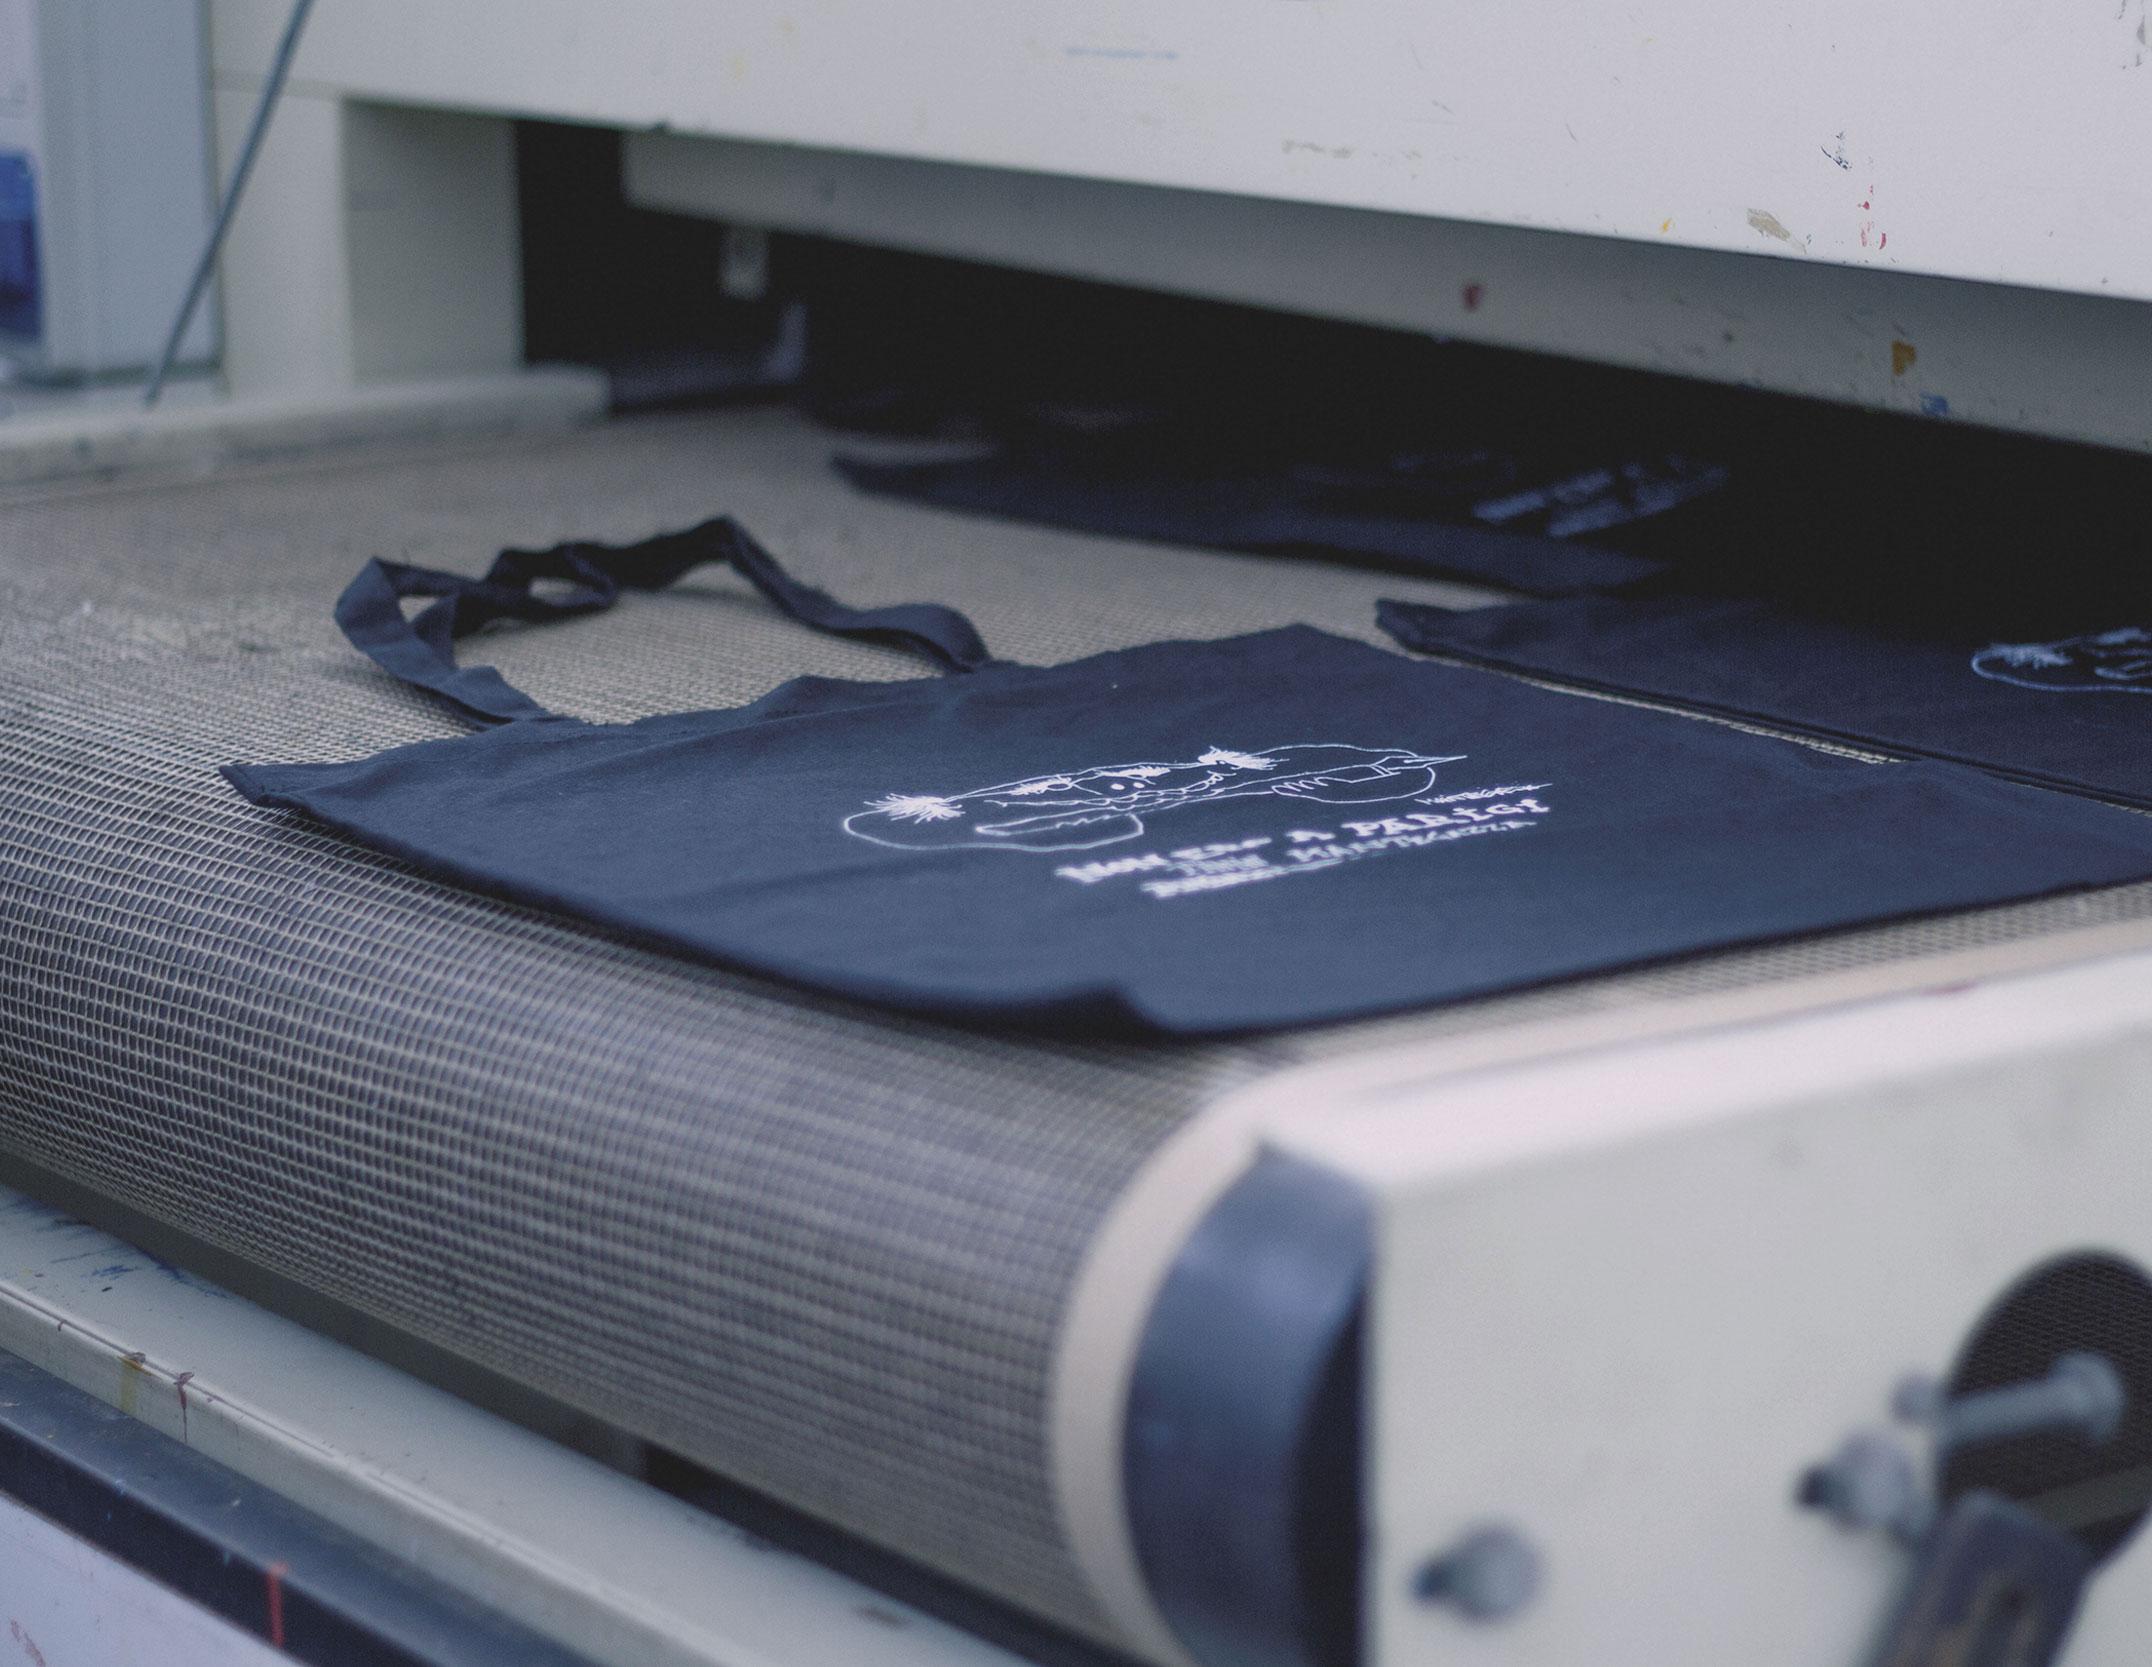 Shopper stampate in serigrafia e personalizzate per attività promozionali